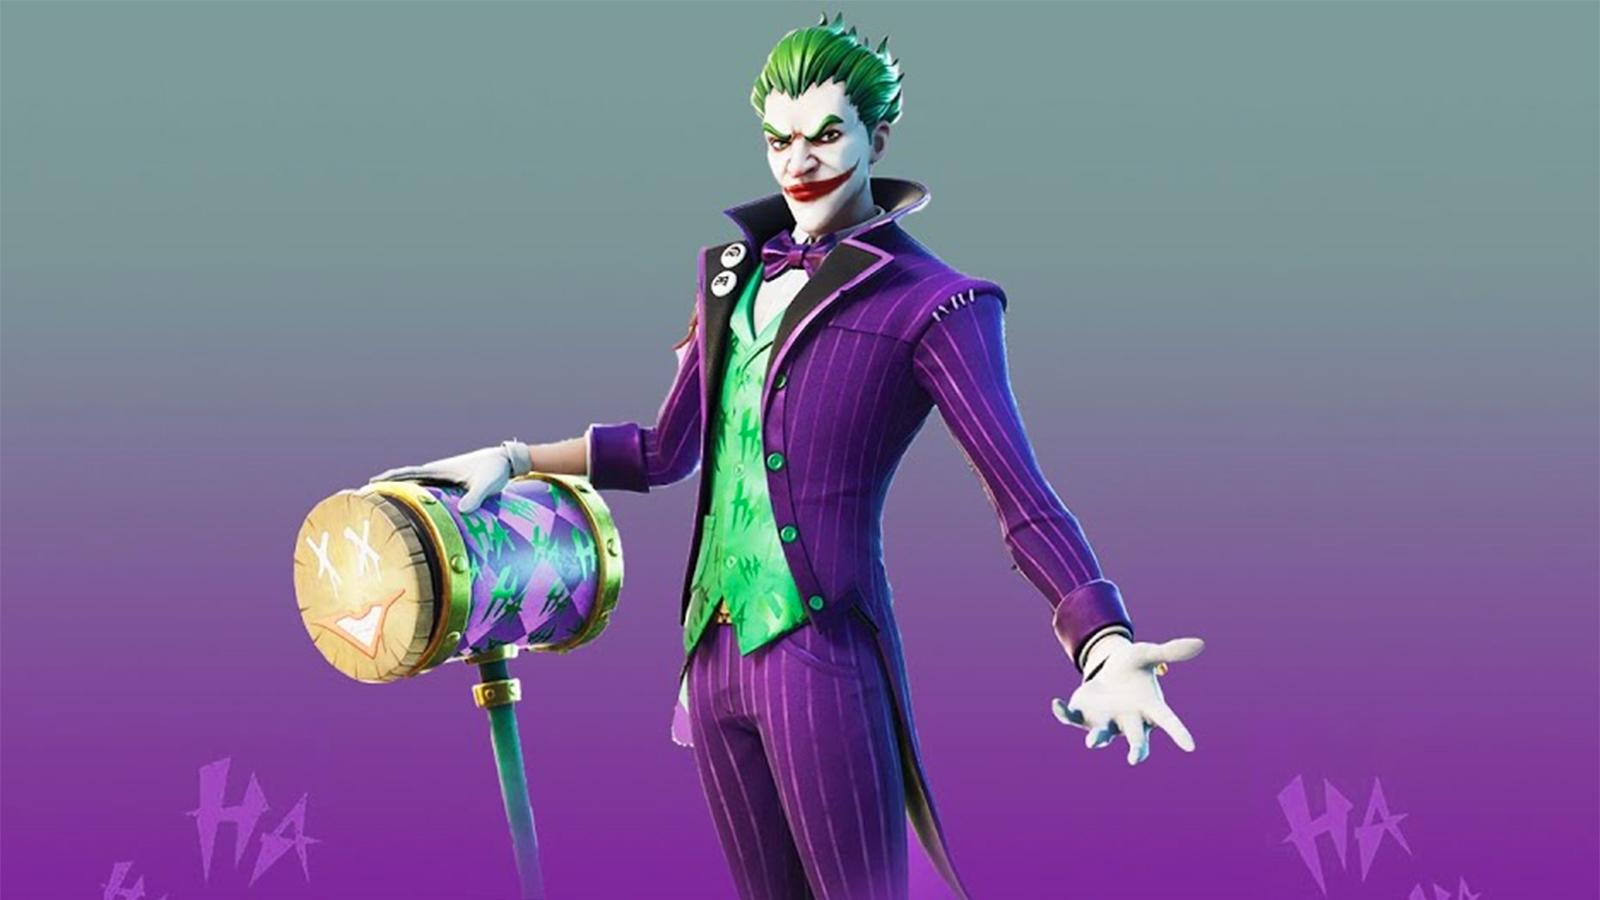 Fortnite Joker